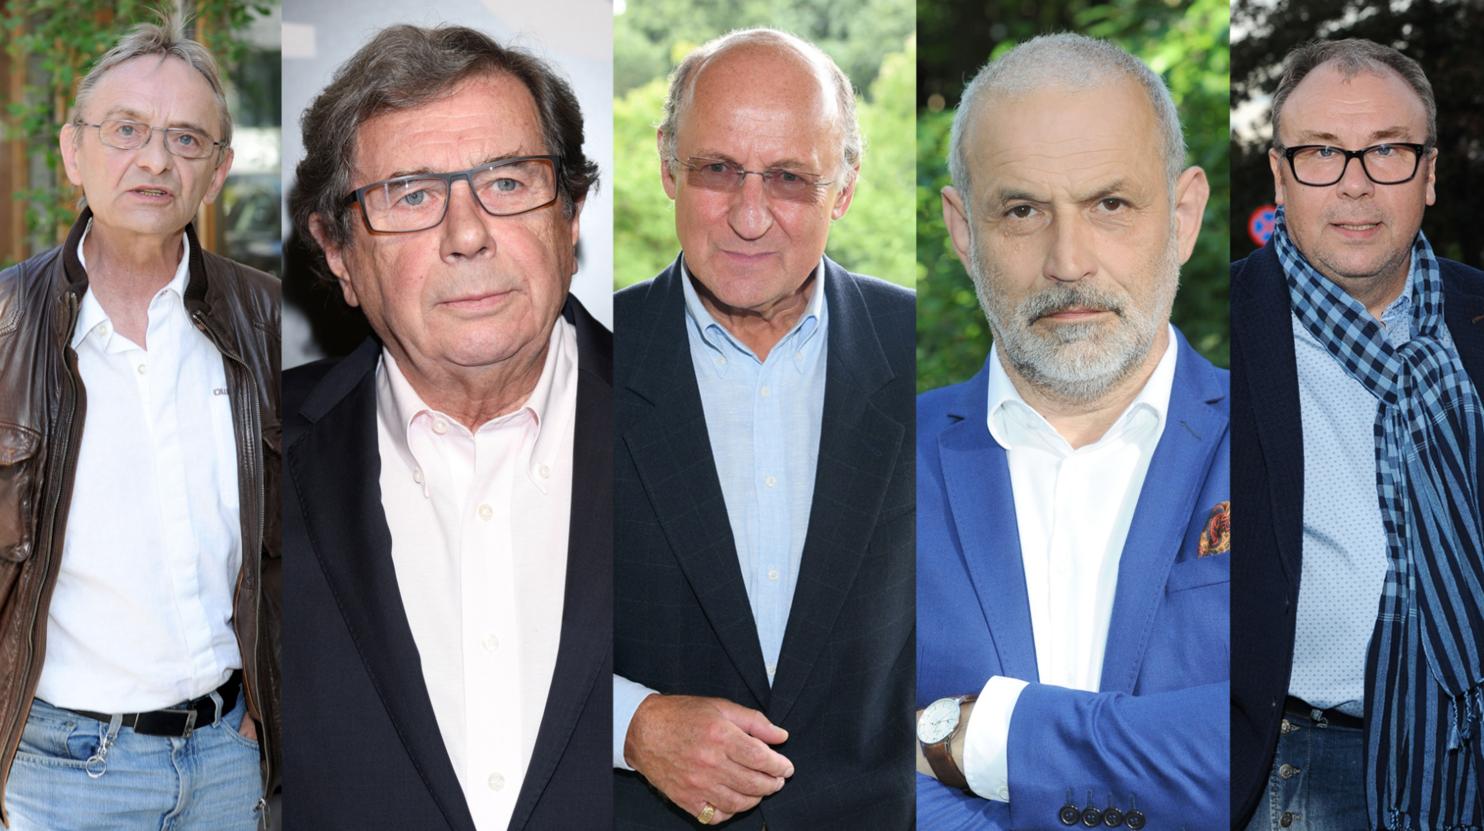 Jerzy Bończak, Janusz Gajos, Piotr Fronczewski,Krzysztof Stelmaszyk, Bogdan Kalus